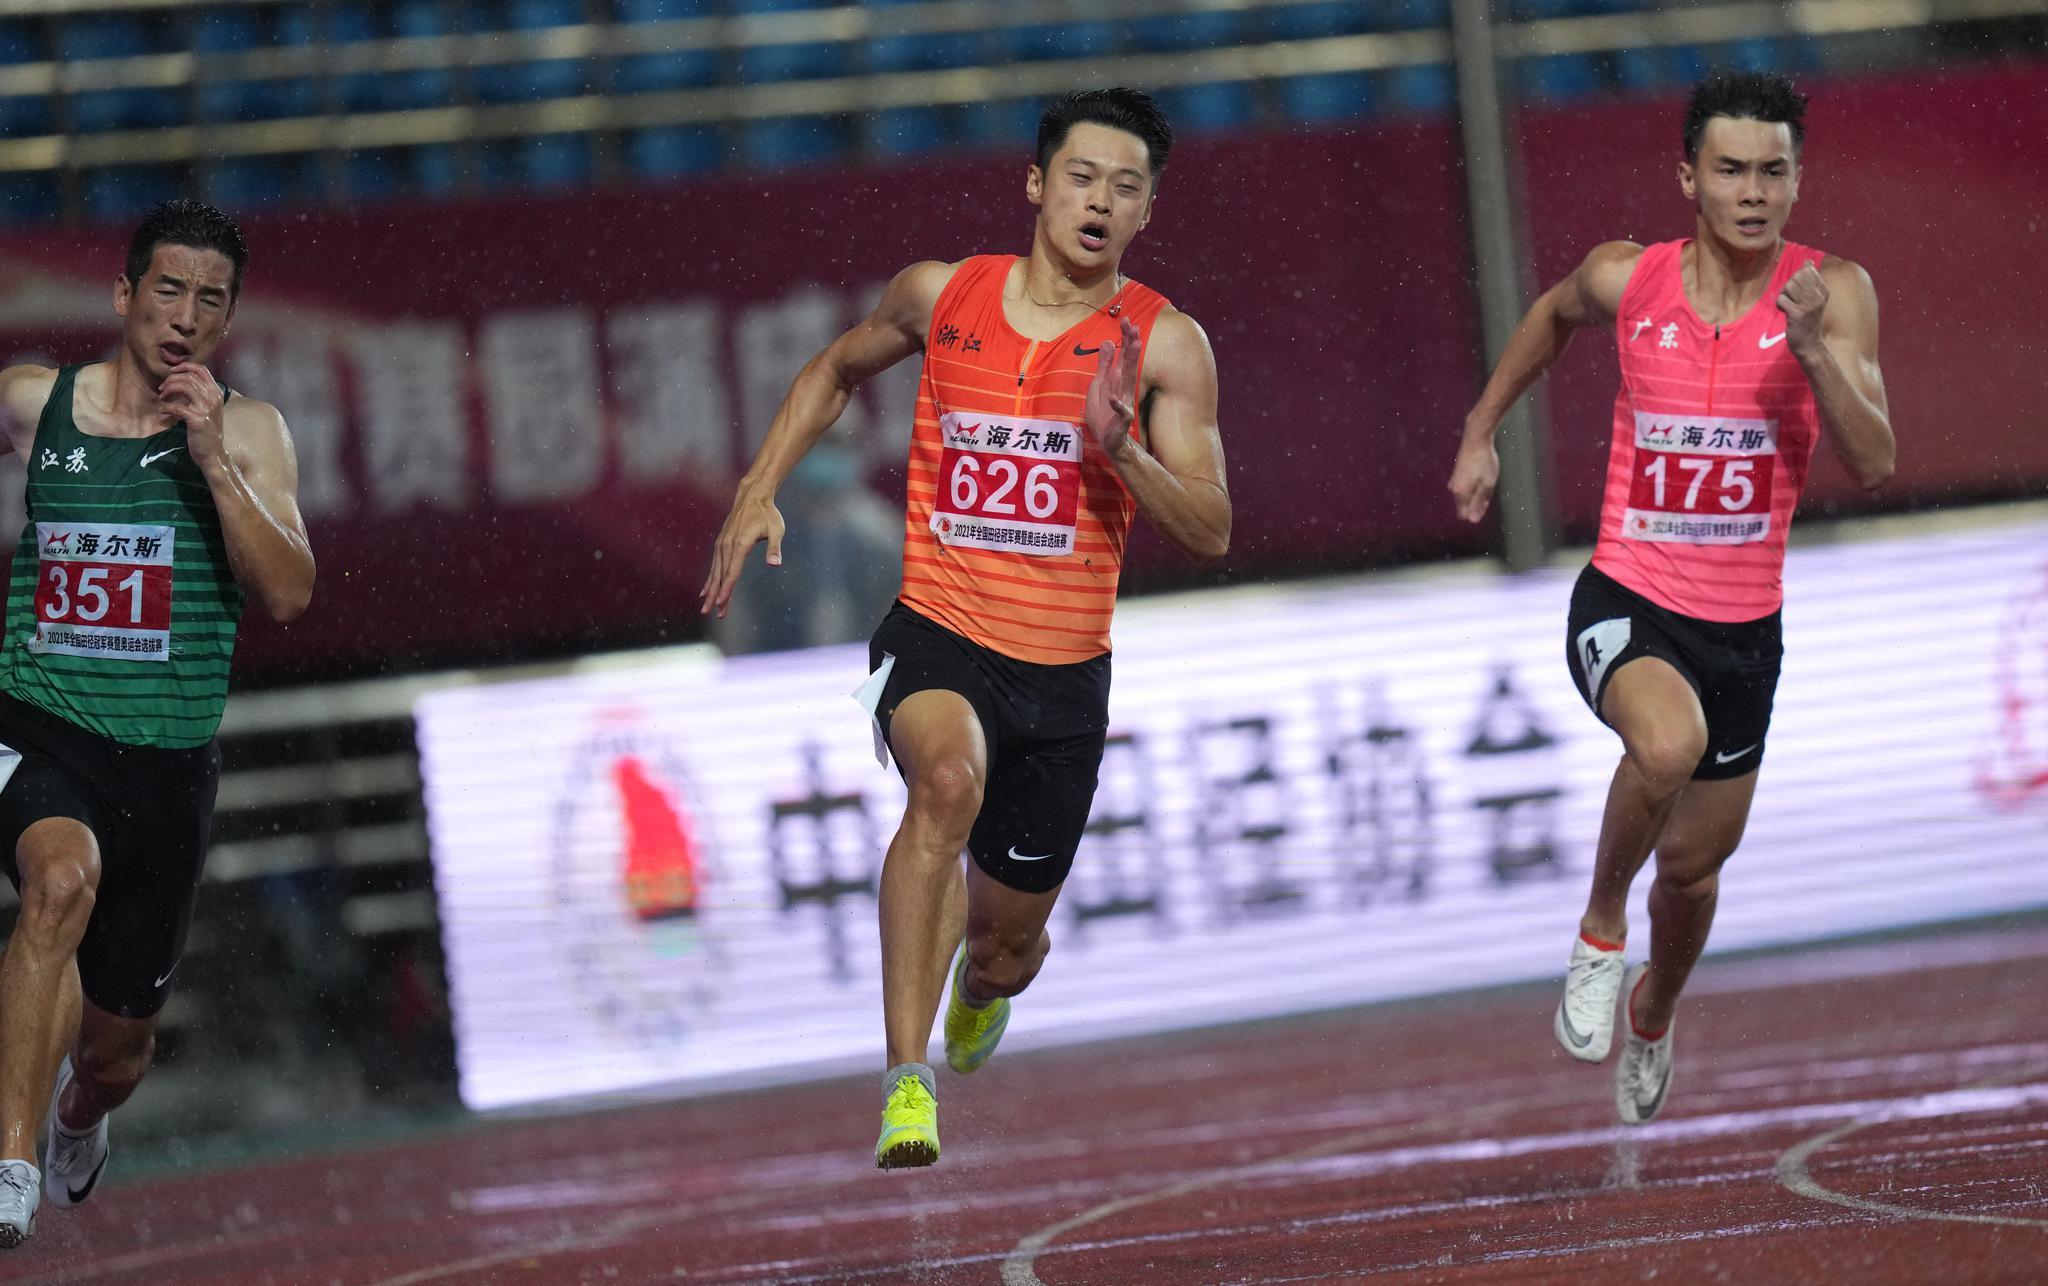 田径——全国冠军赛:谢震业获得男子200米冠军